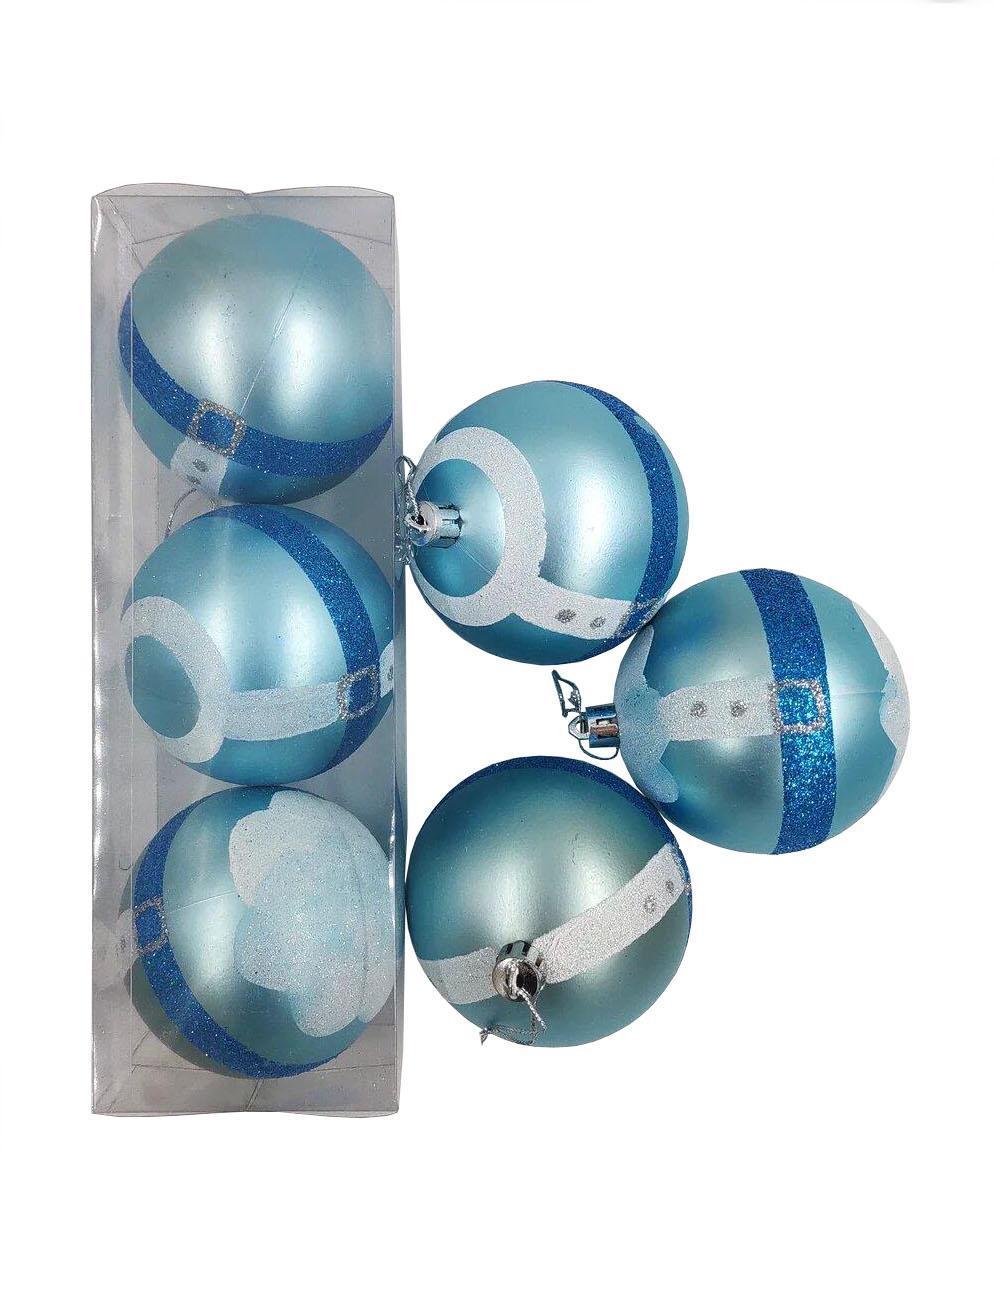 Елочные украшения Голубые полоски диаметр шара 8 см, 3 шт